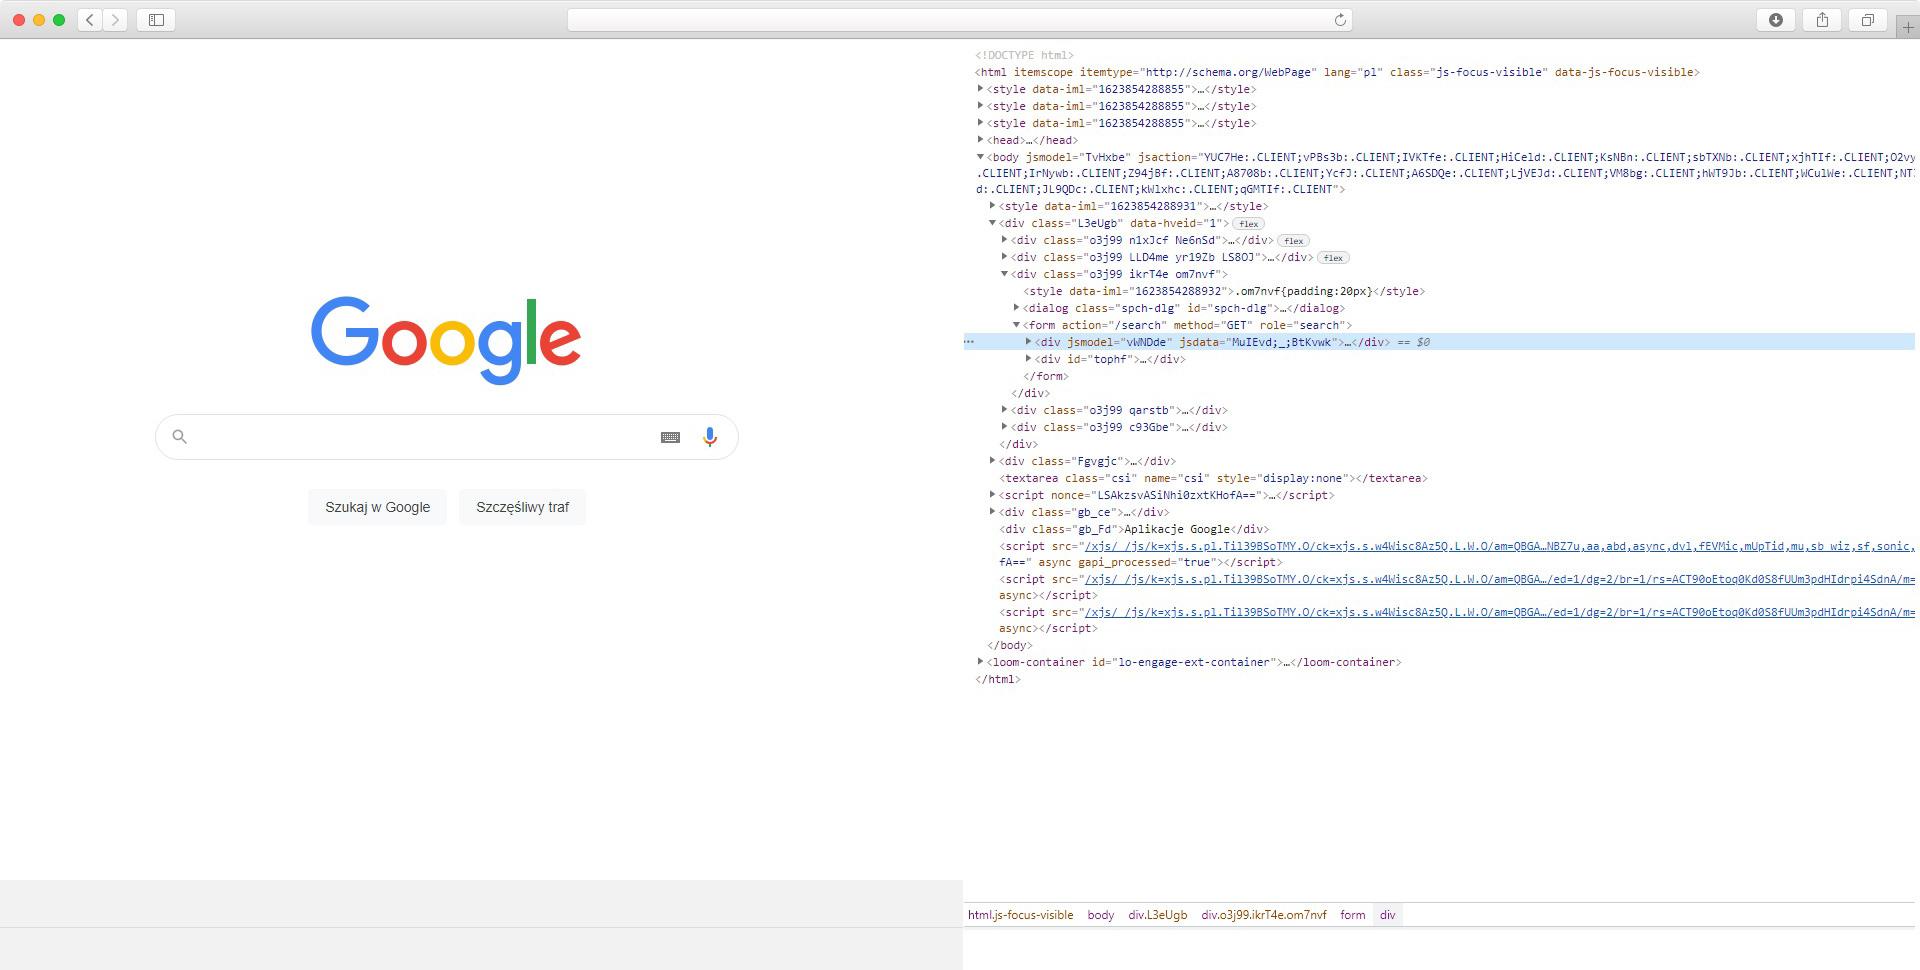 jak Google widzi moją stronę